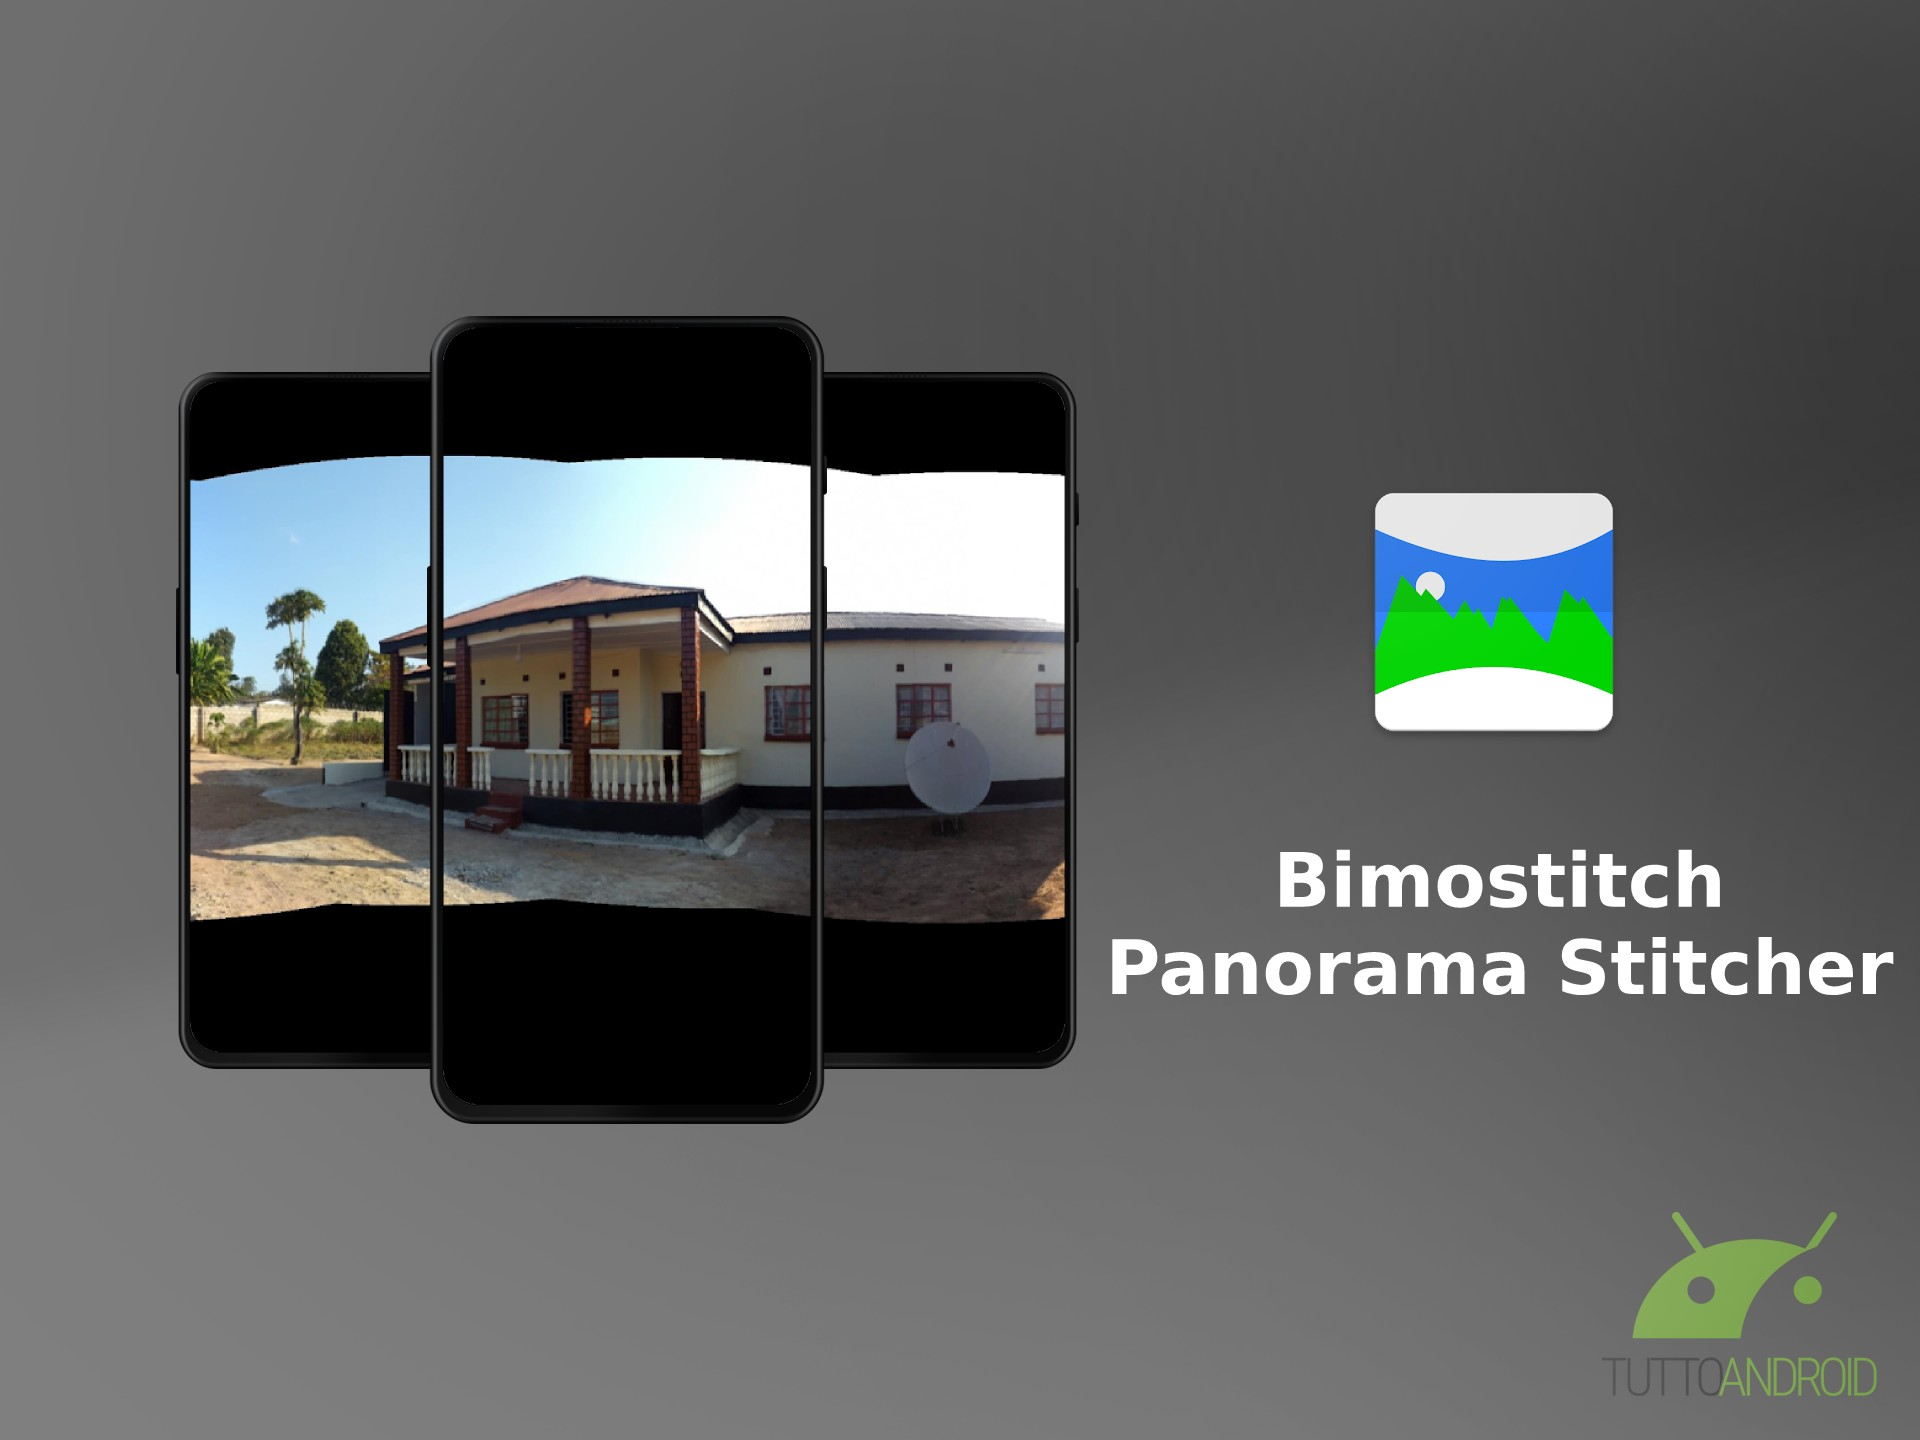 Bimostitch Panorama Stitcher permette di creare automaticamente